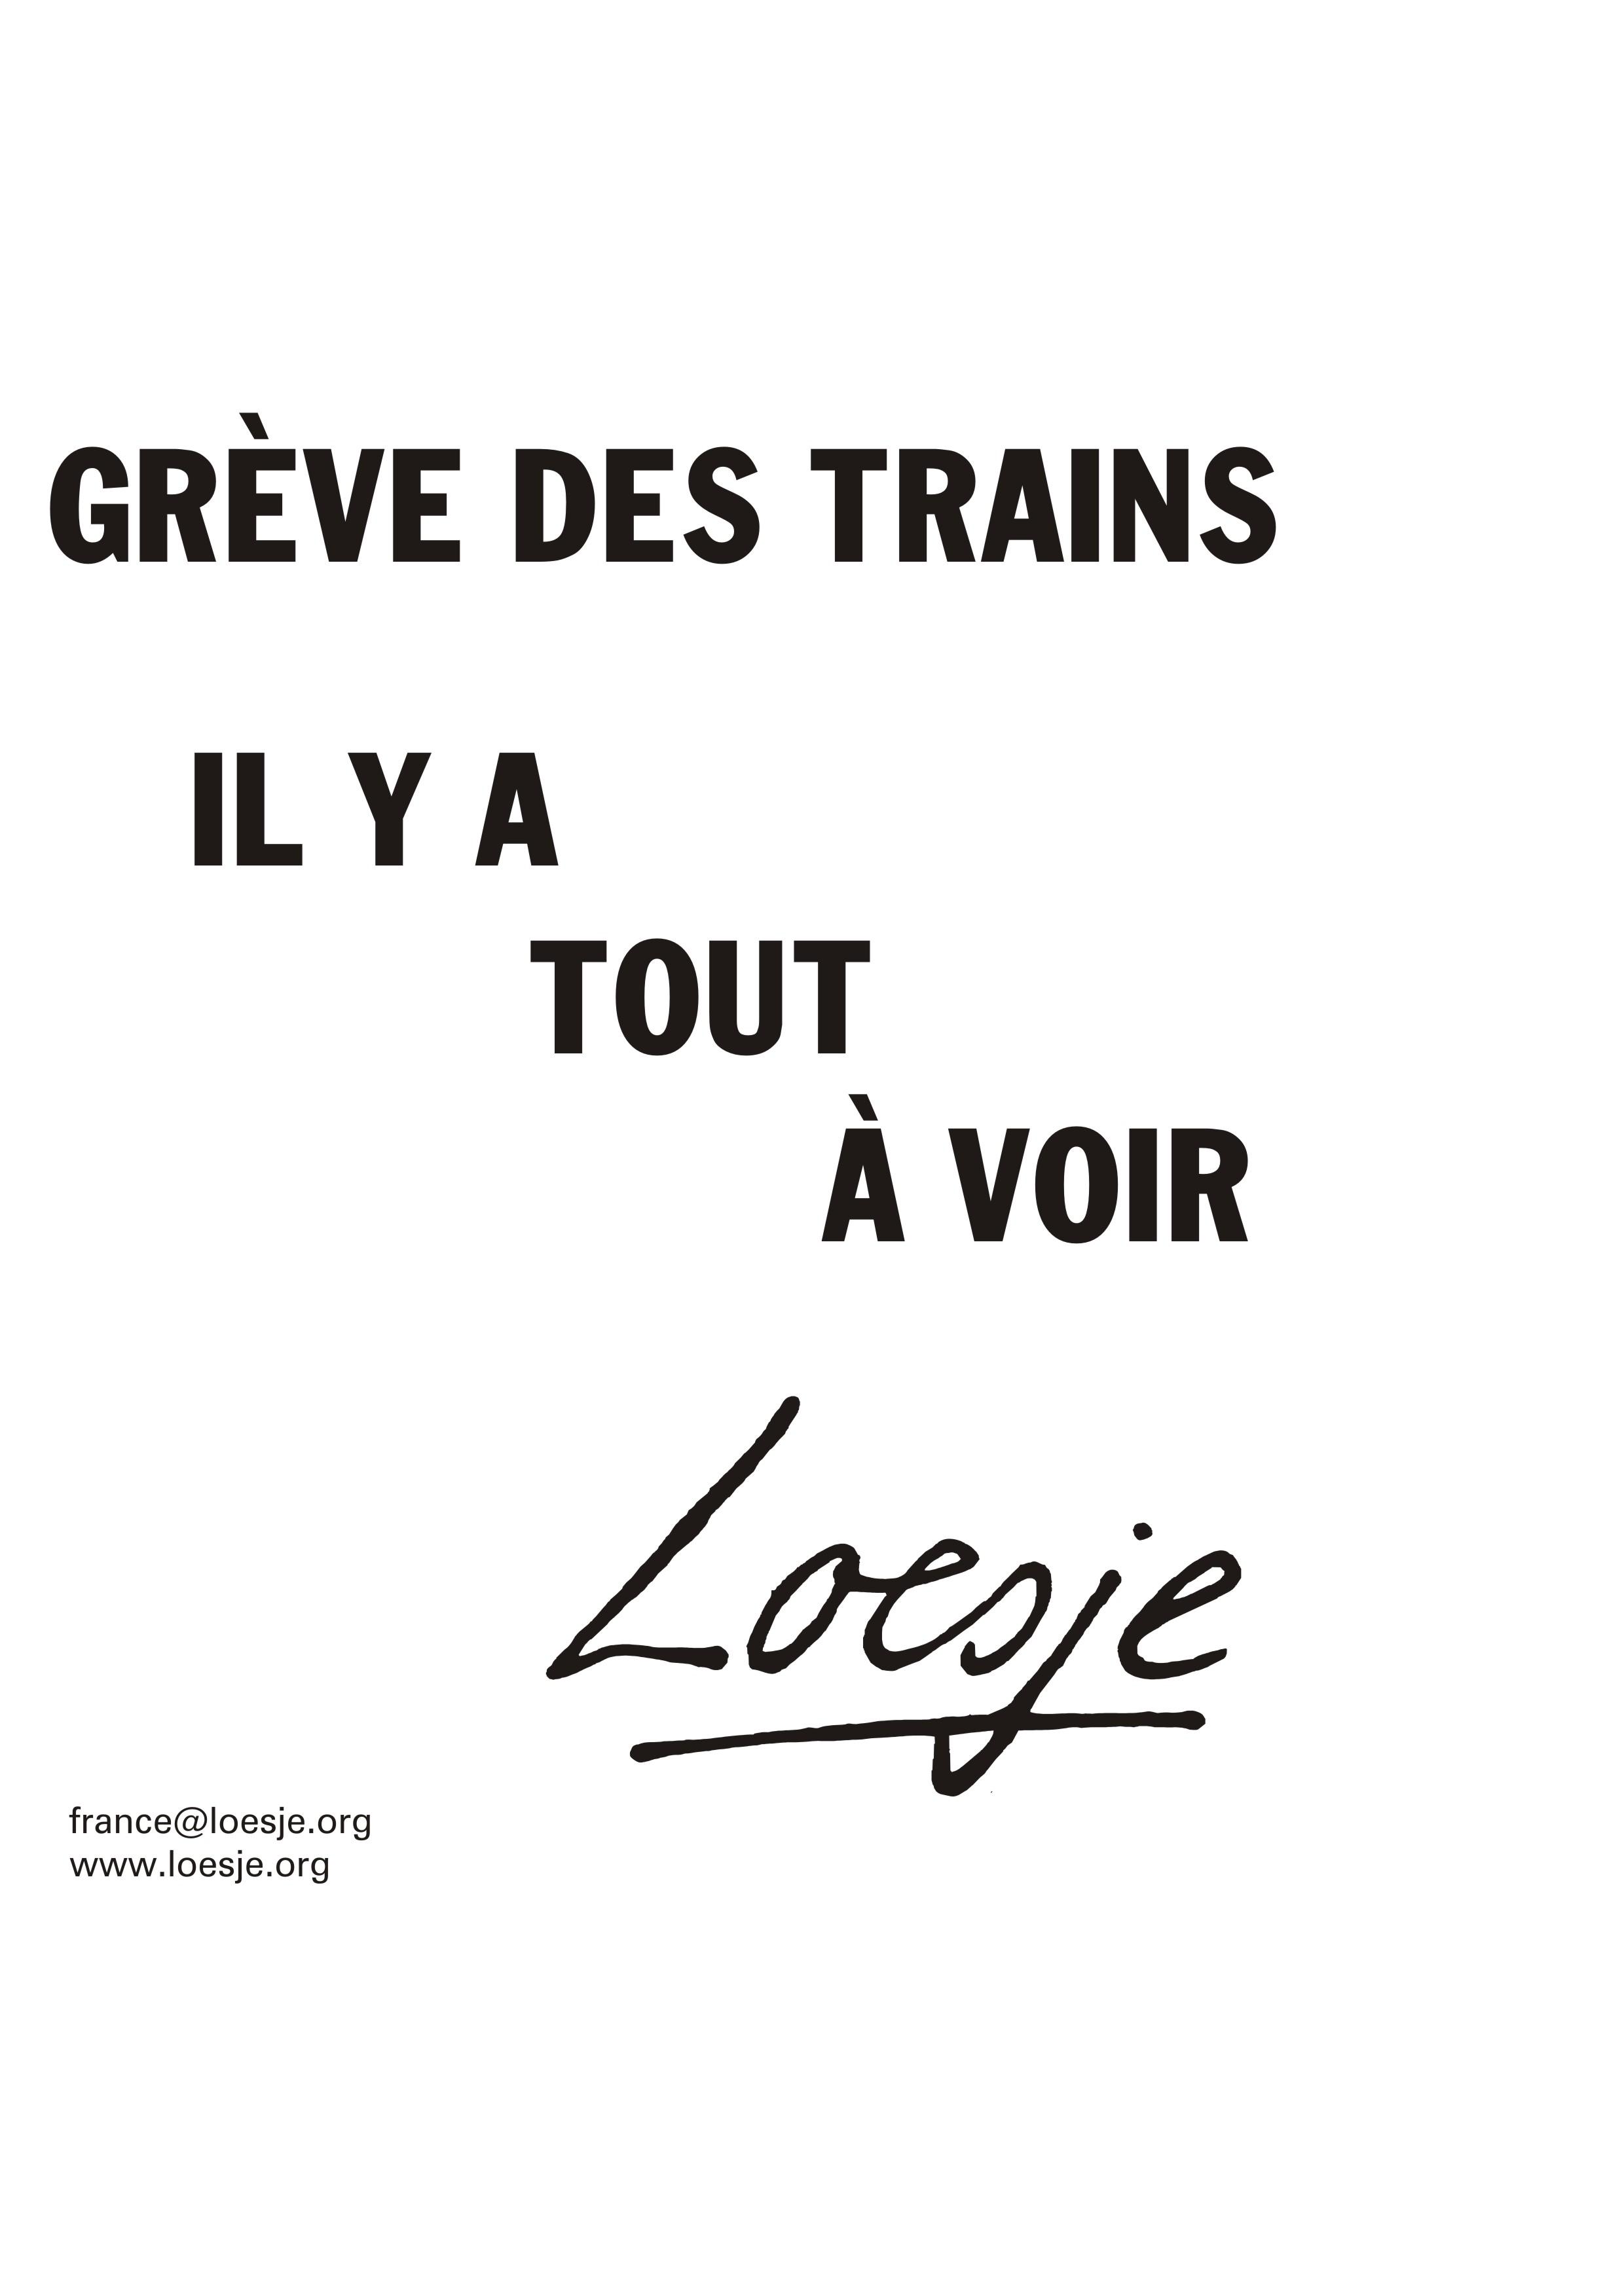 GREVE DES TRAINS IL Y A TOUT A VOIR